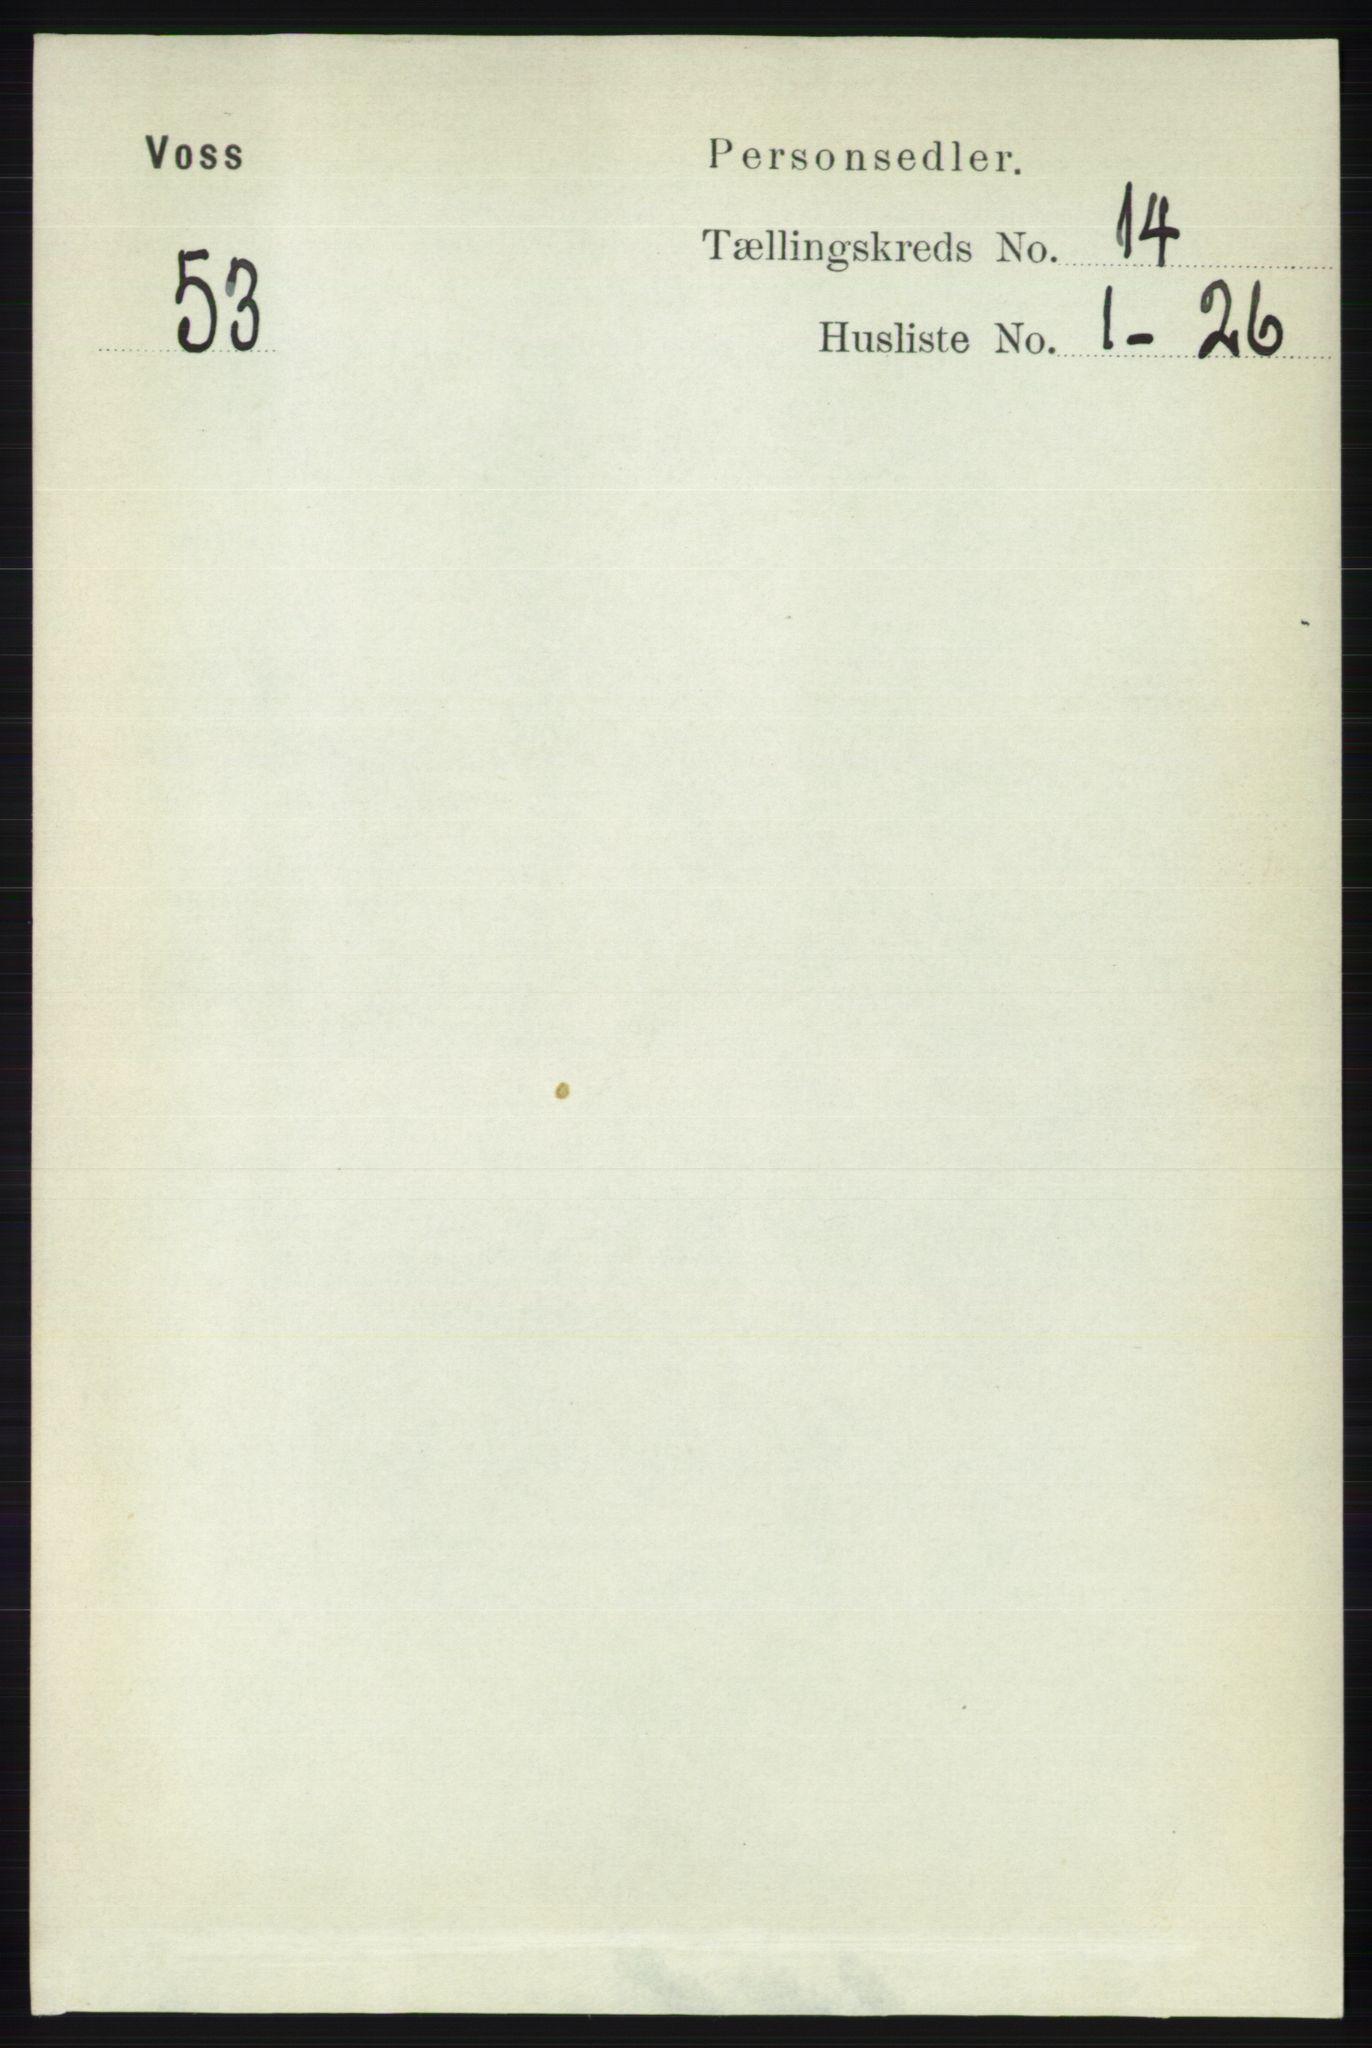 RA, Folketelling 1891 for 1235 Voss herred, 1891, s. 7256